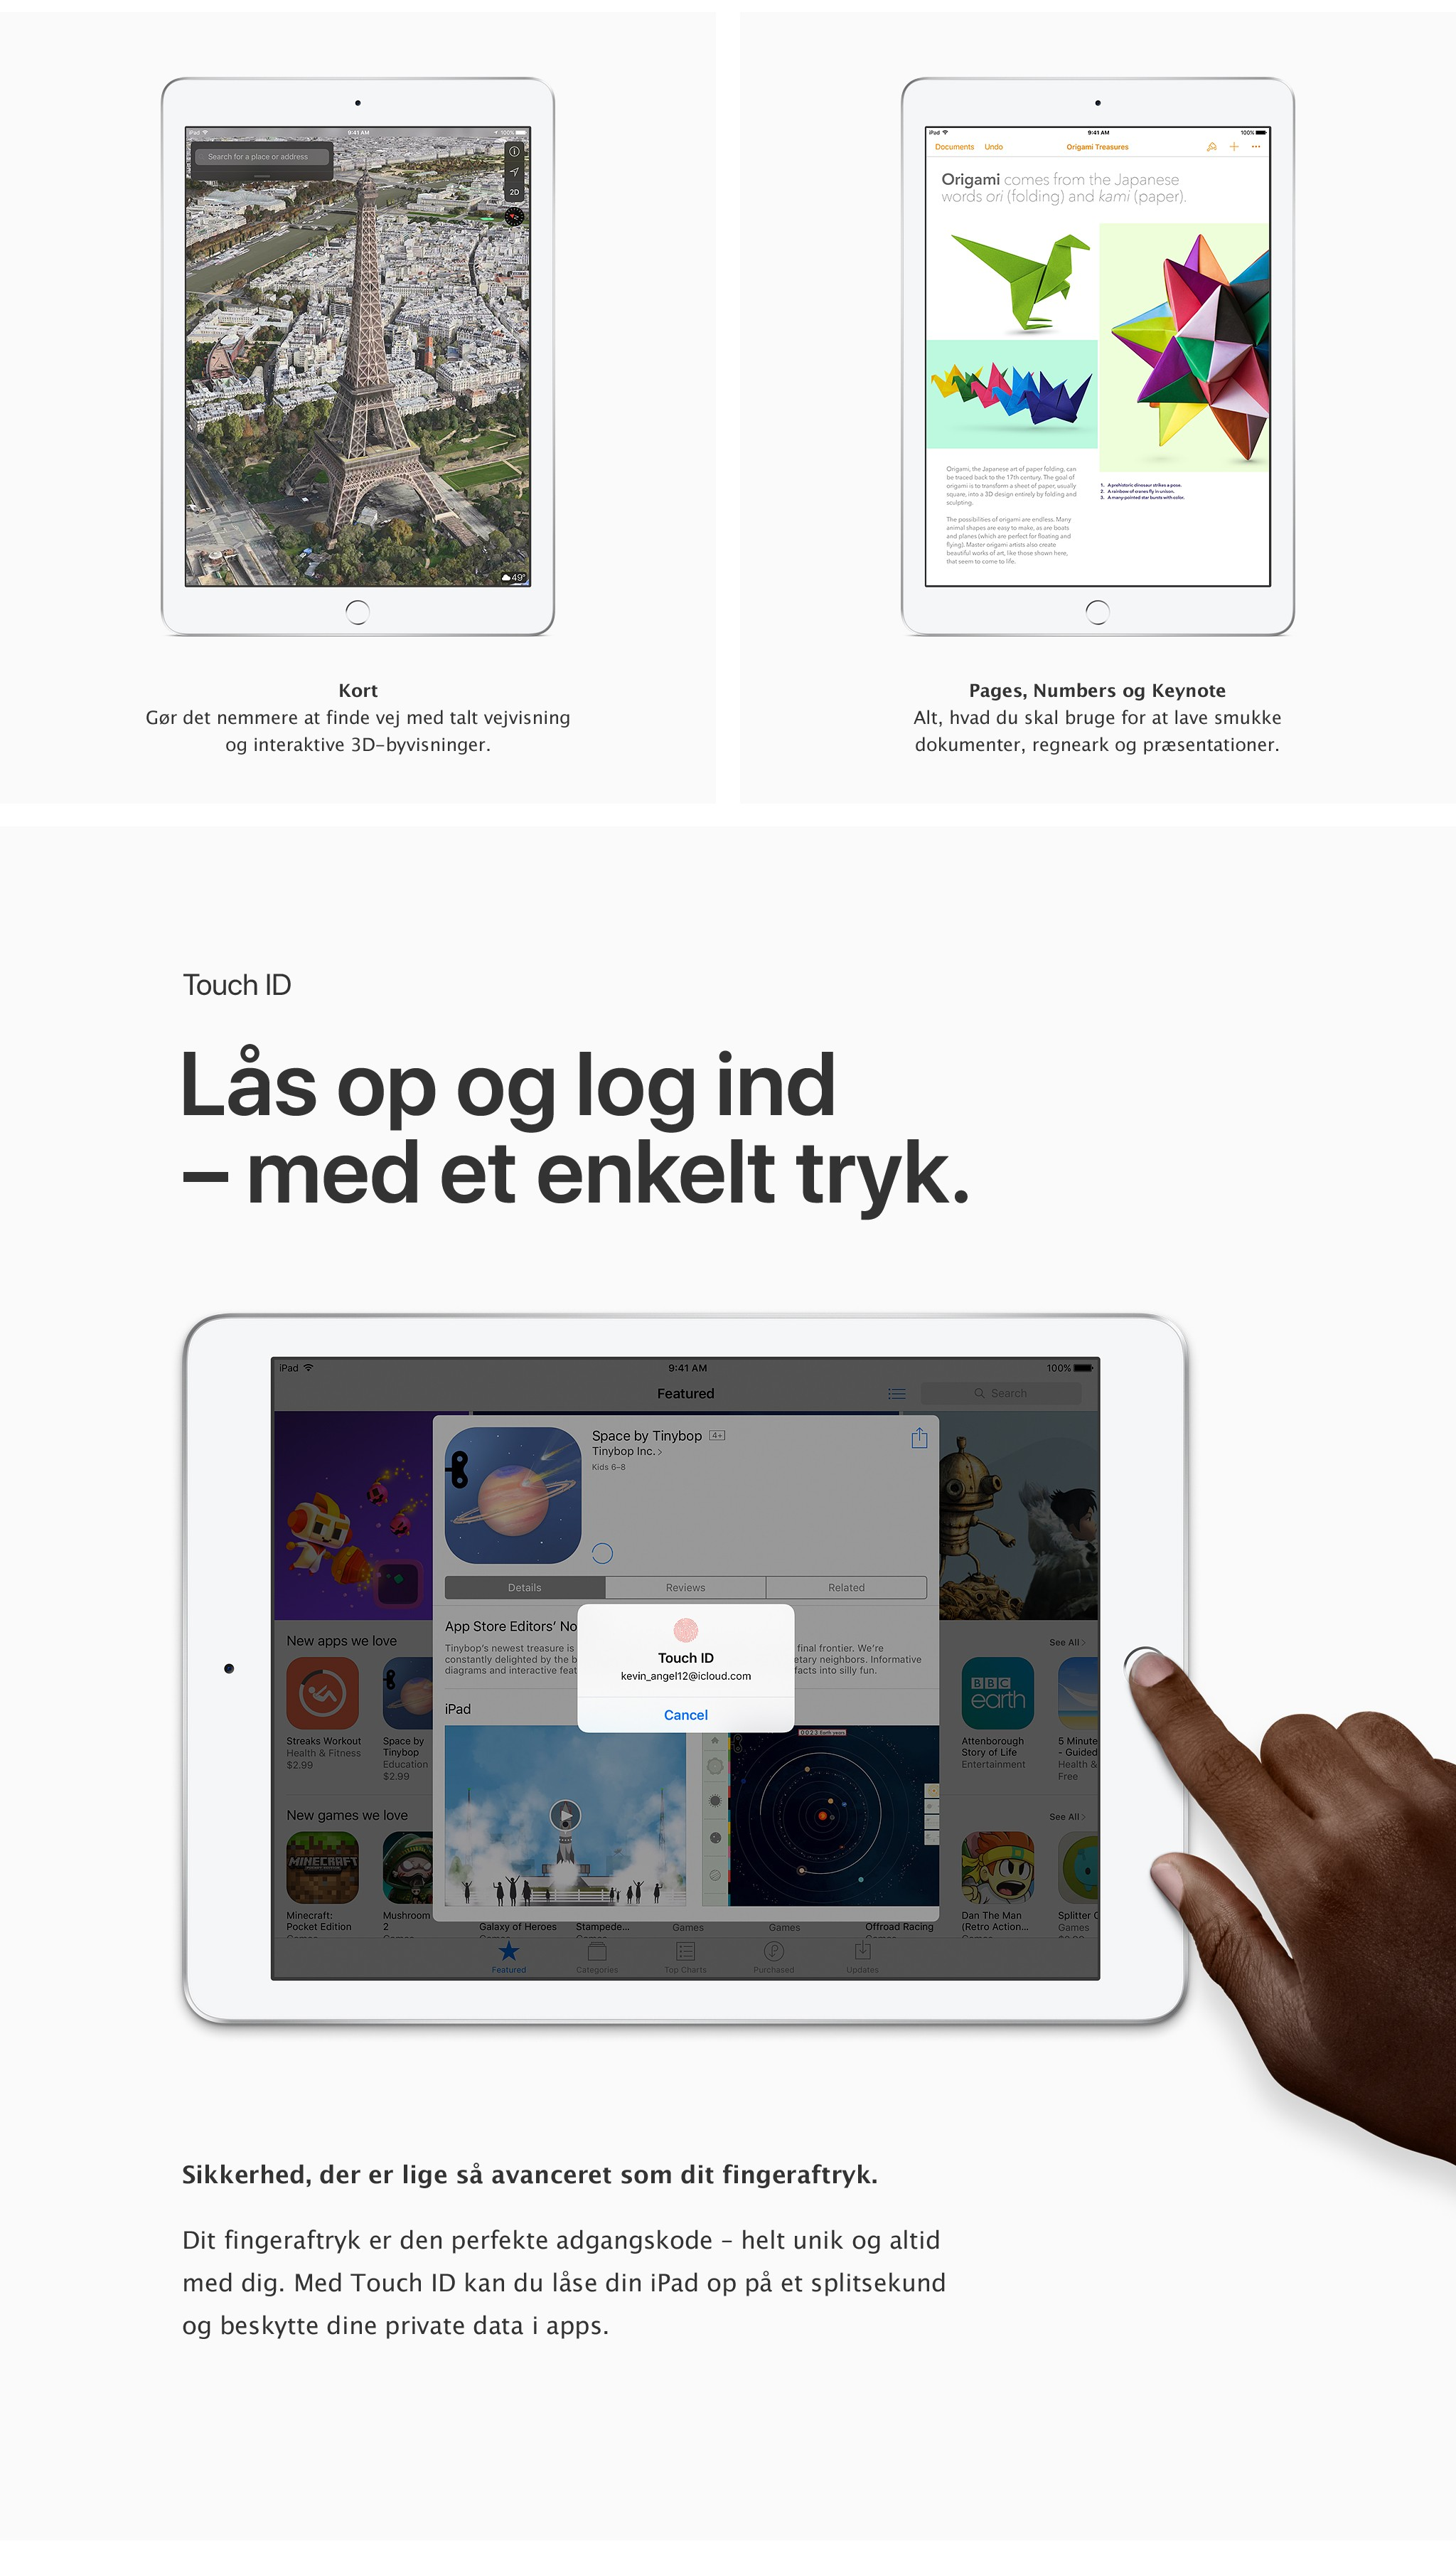 Lås op og log ind med et enkelt tryk på den nye iPad